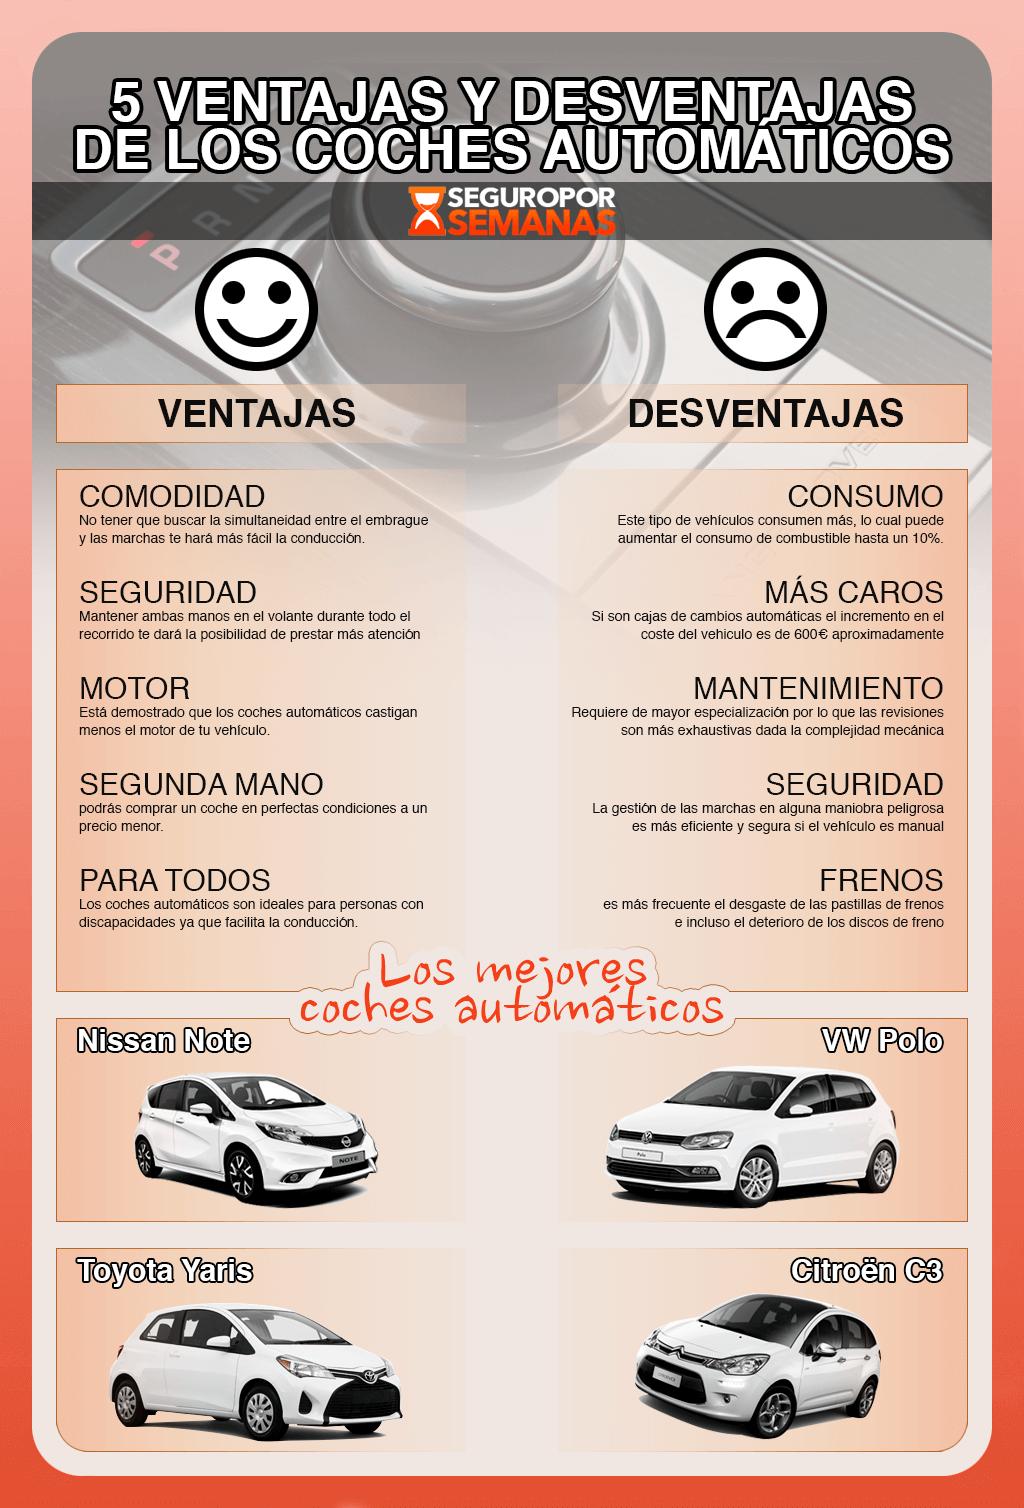 Ventajas y desventajas de un coche autom ticos seguroporsemanas - Asegurar coche un mes ...